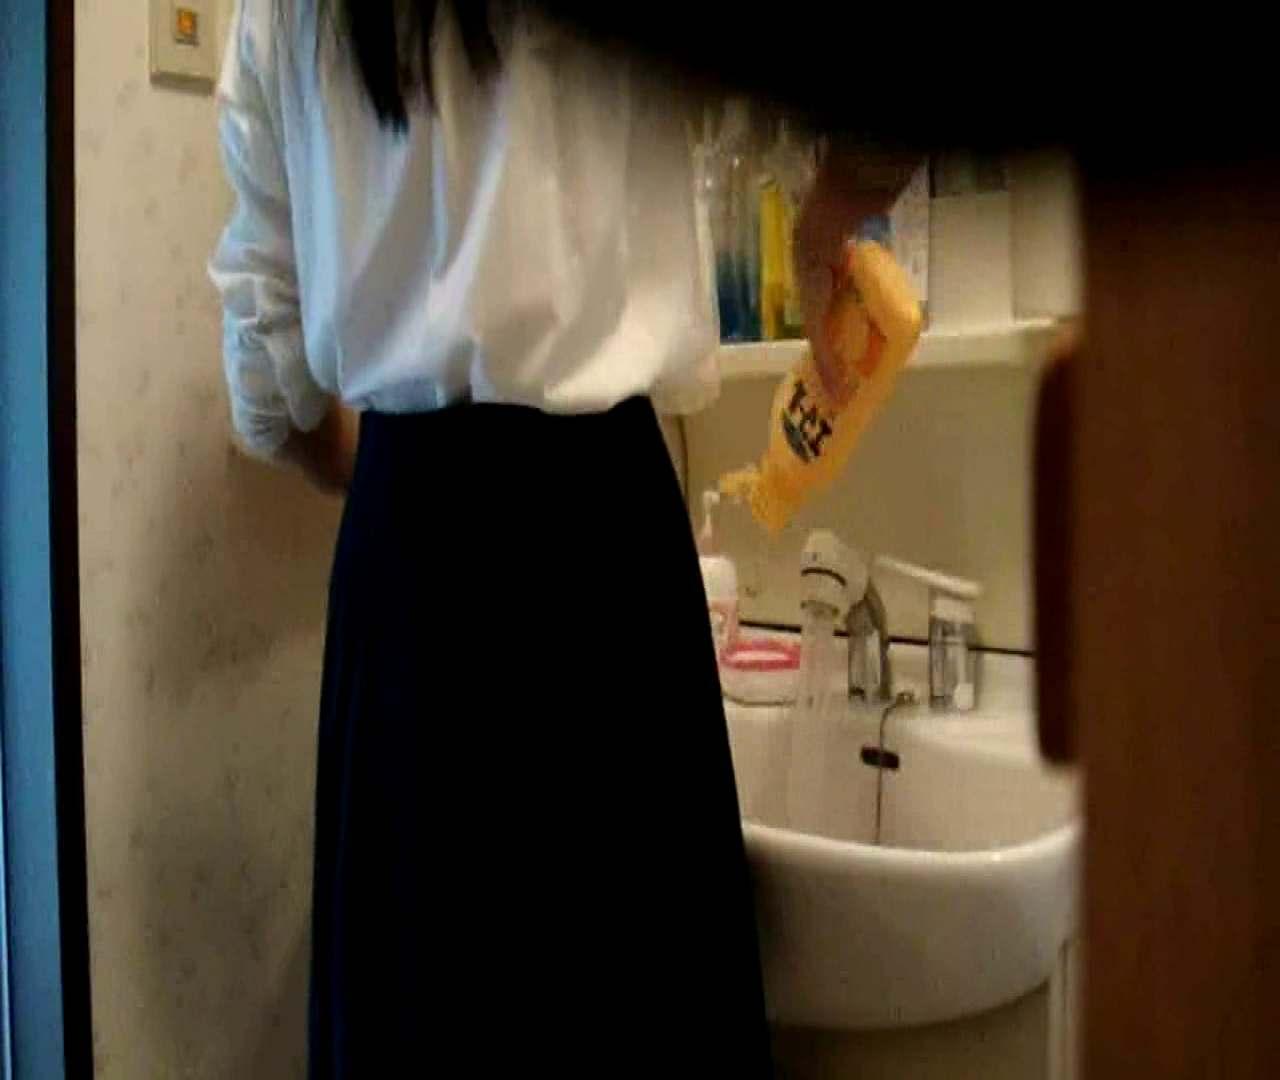 二人とも育てた甲斐がありました… vol.05 まどかが洗顔後にブラを洗濯 盗撮シリーズ | おまんこ見放題  79PIX 75